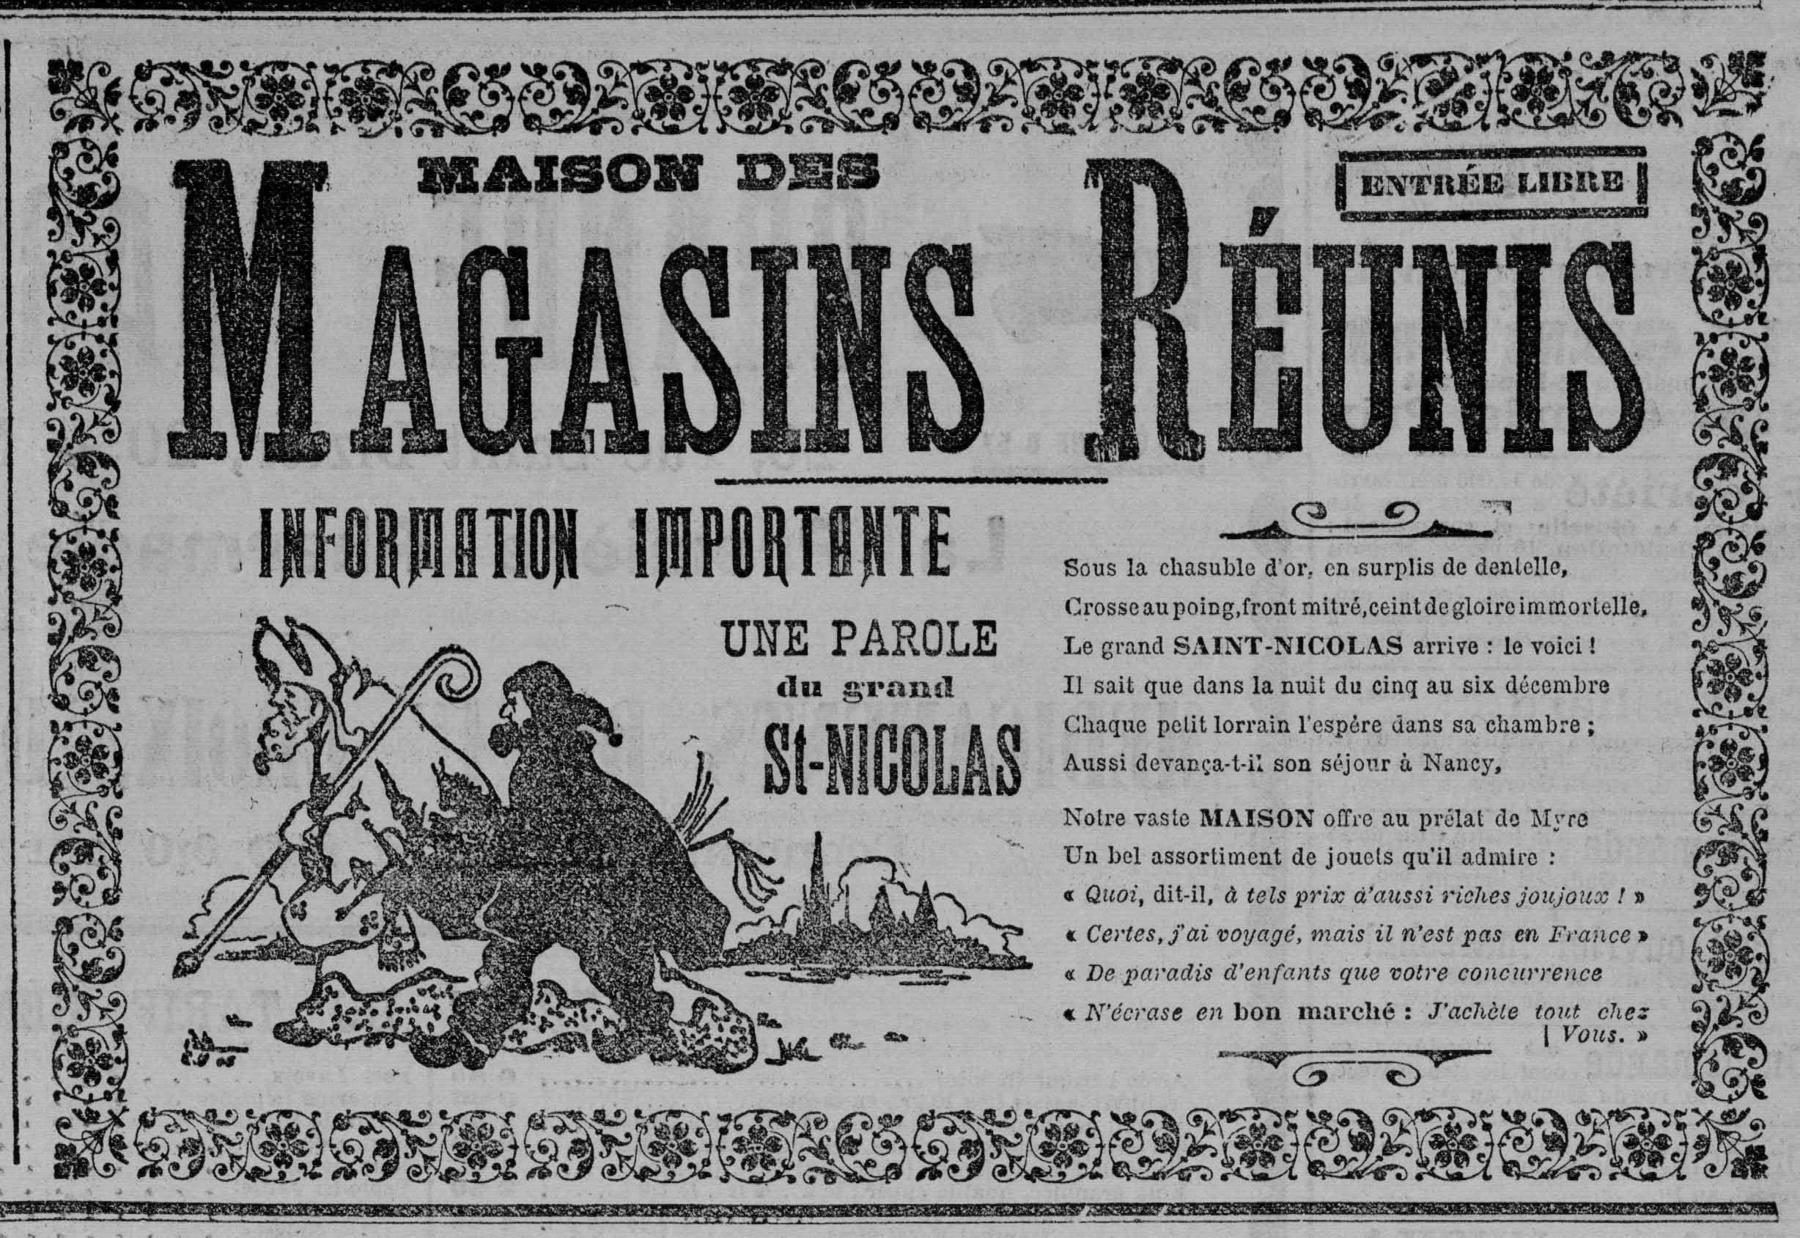 Contenu du Maison des Magasins réunis: Information importante, une parole du grandSaint Nicolas